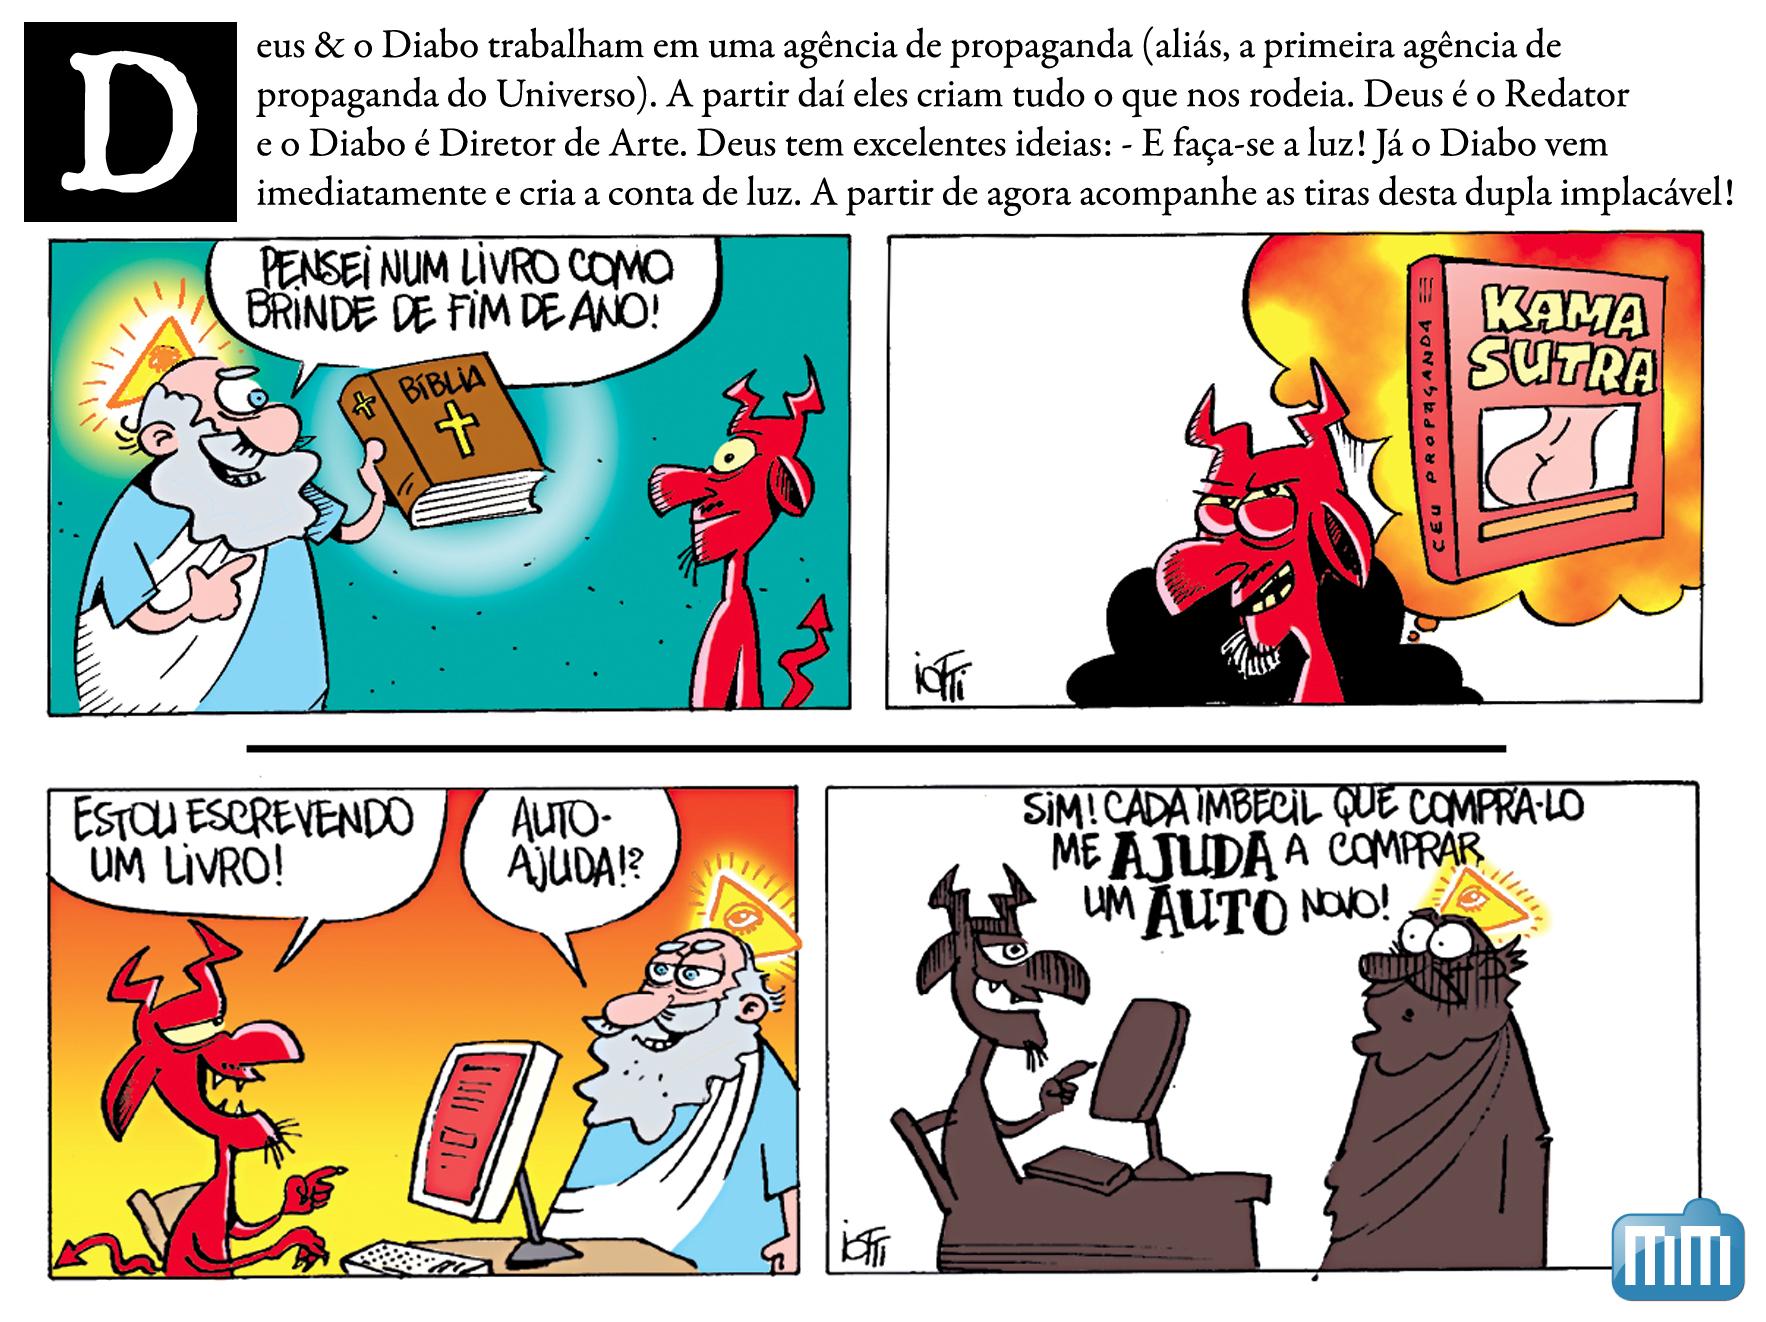 Iotti - Livros preferidos do Deus e do Diabo